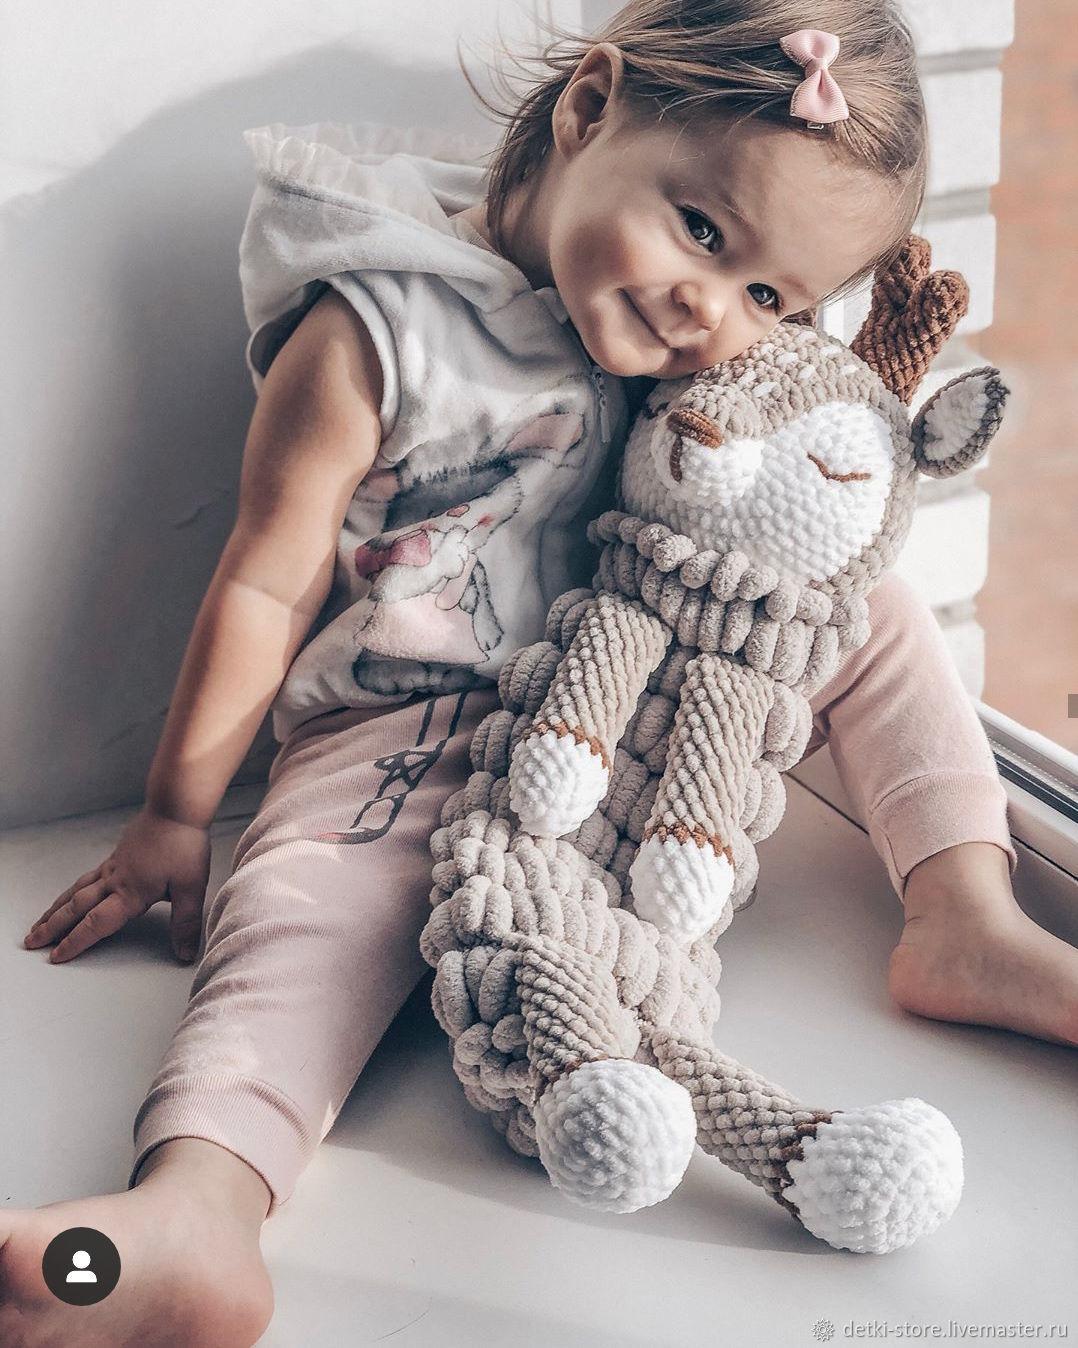 Пижамница Оленёнок (Олень) - игрушка для пижамы, Мягкие игрушки, Пенза,  Фото №1